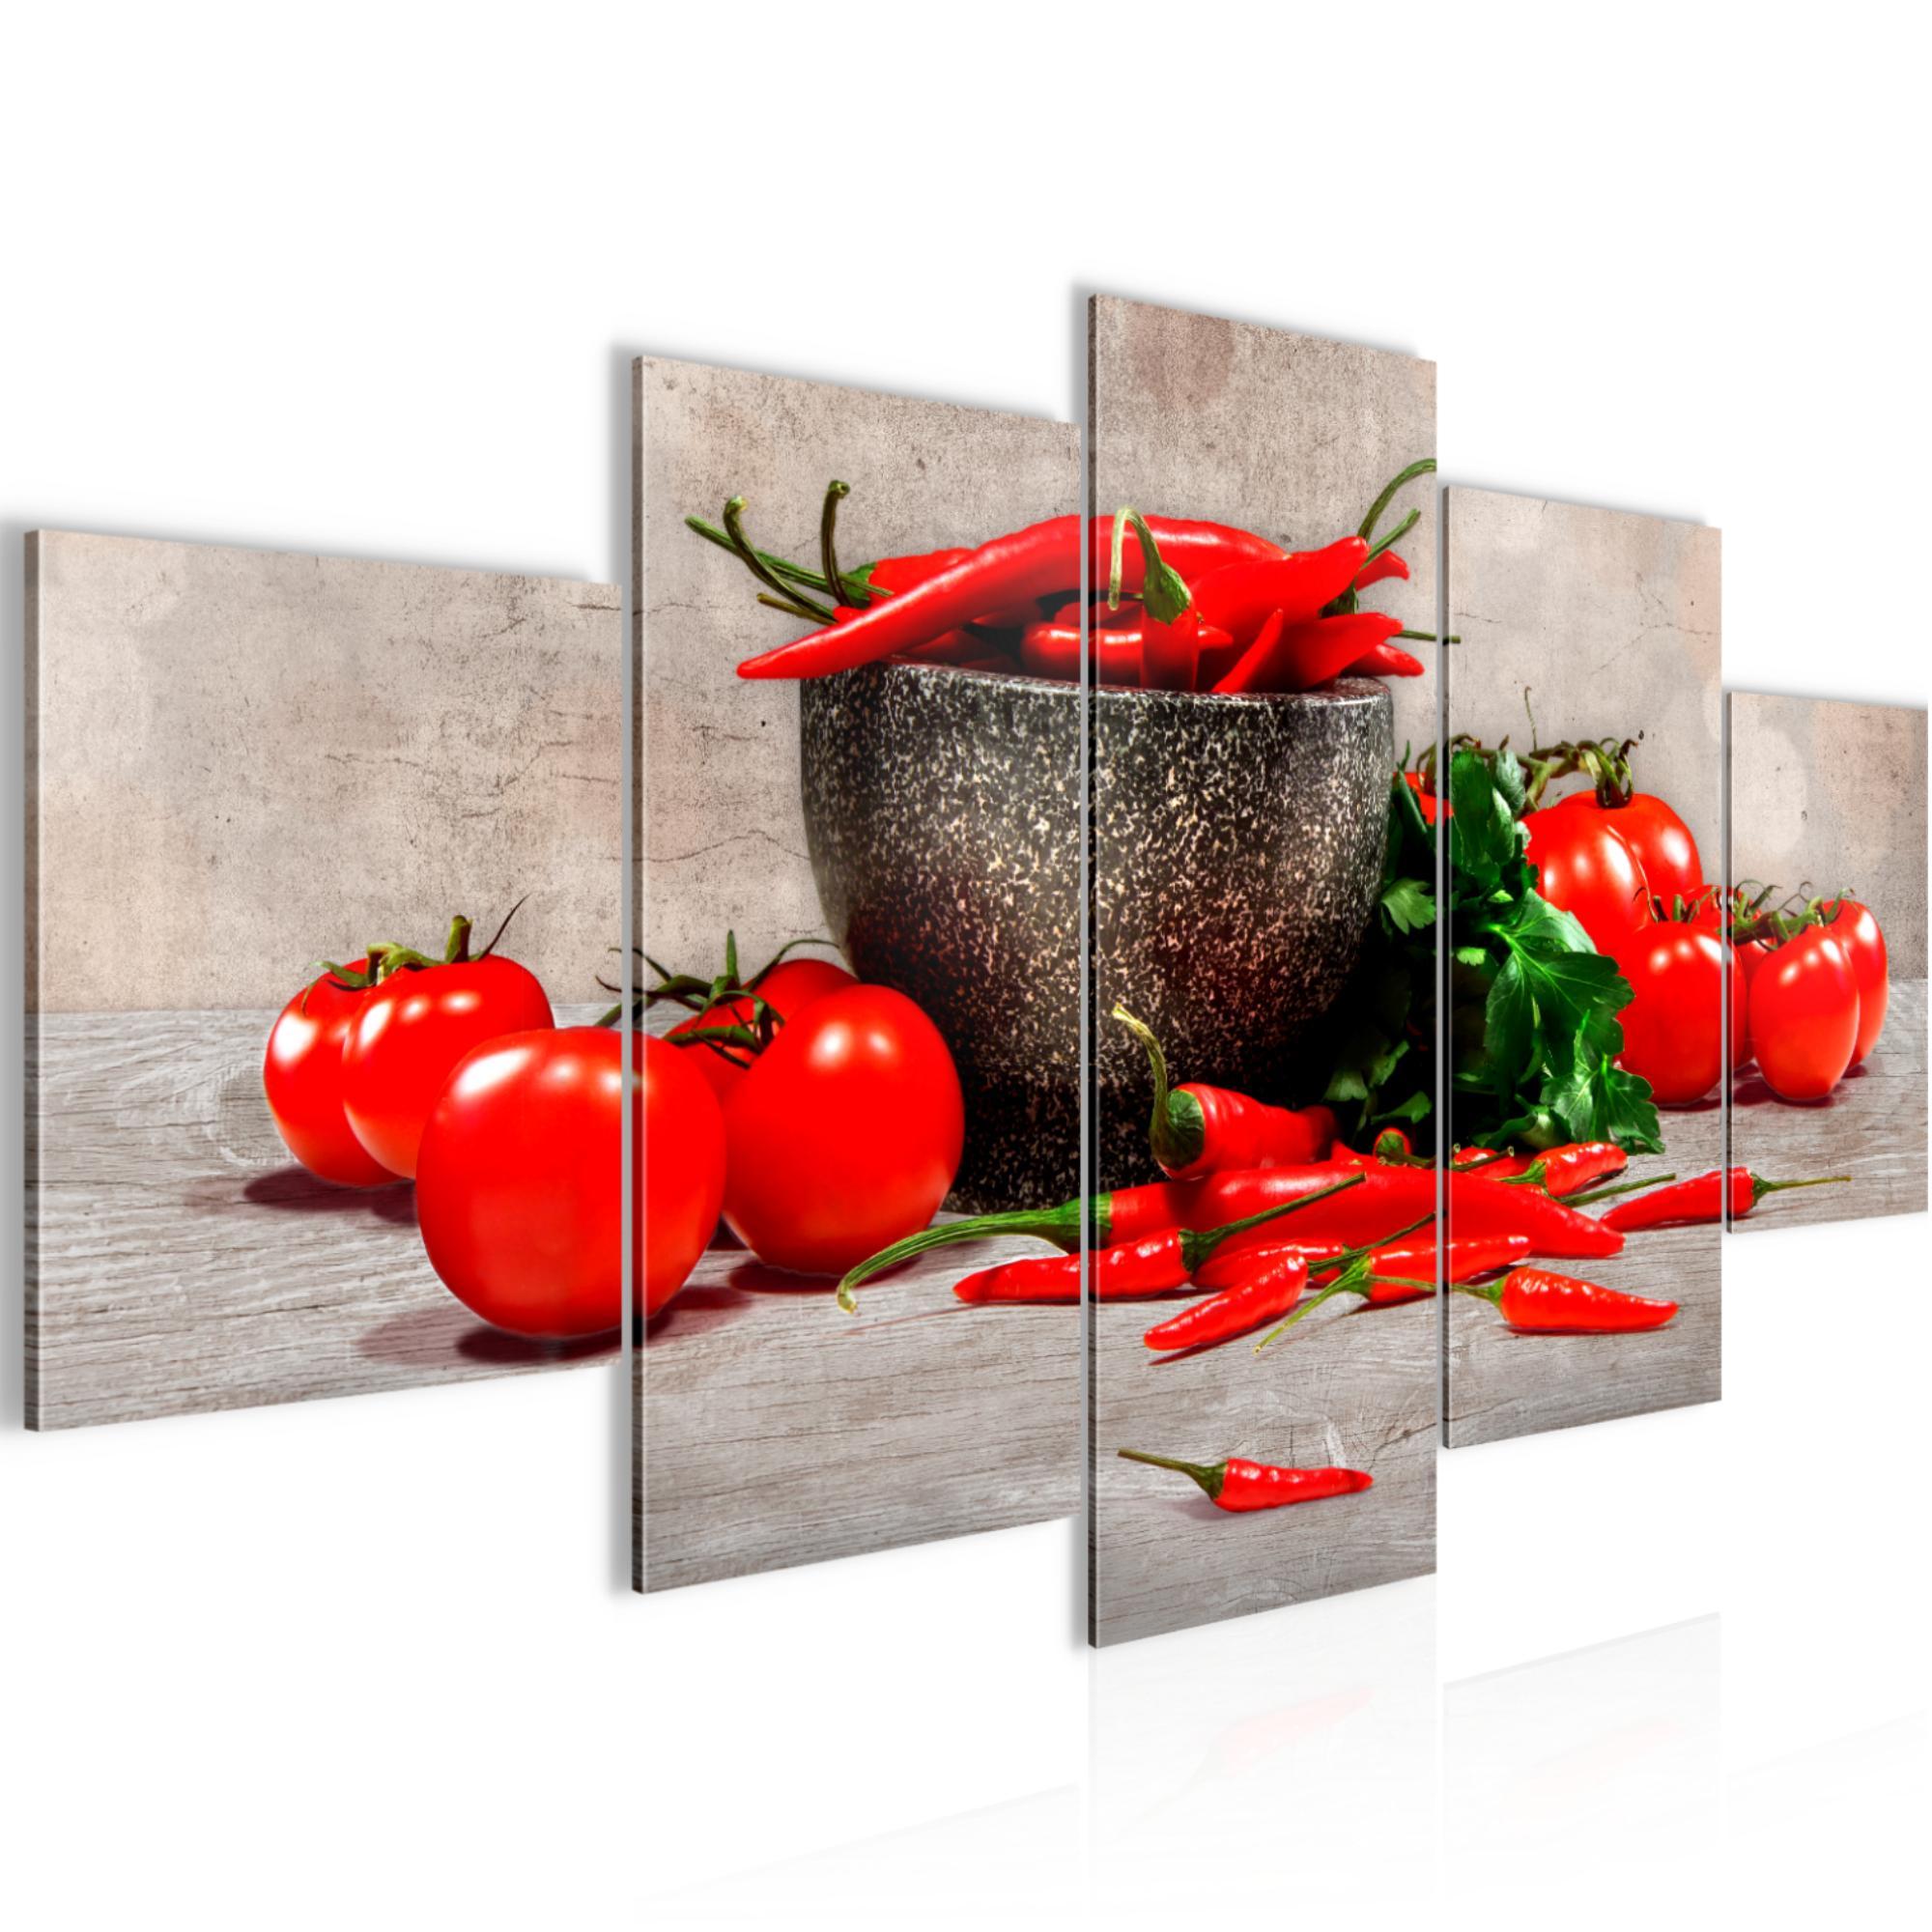 Küche - Gemüse BILD KUNSTDRUCK - AUF VLIES LEINWAND - XXL DEKORATION 00585P